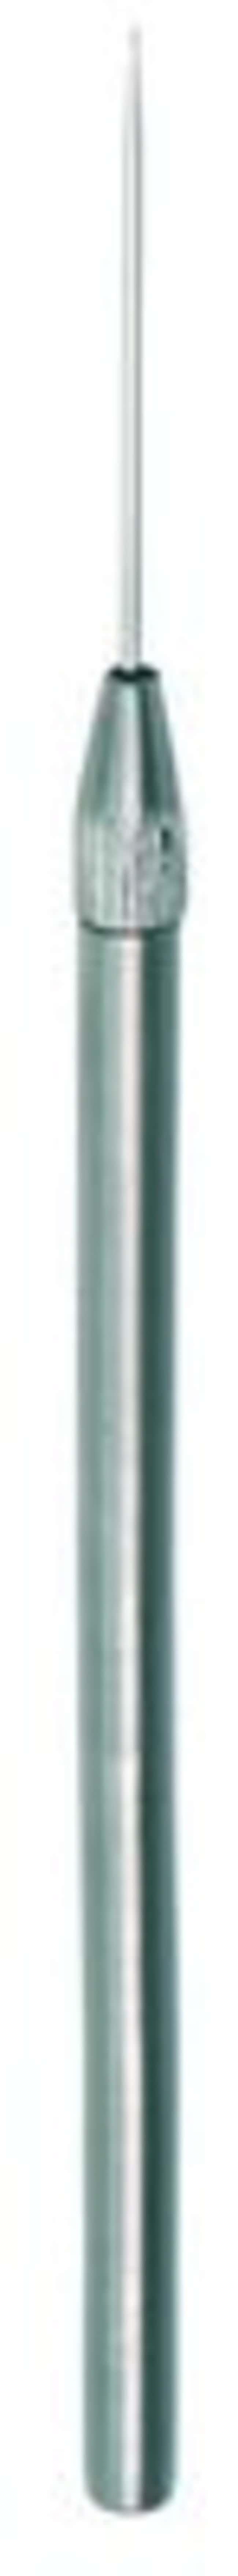 Bochem™Porte-aiguilles KOLLE avec aiguille Diamètre: 6mm Anses et aiguilles d'inoculation